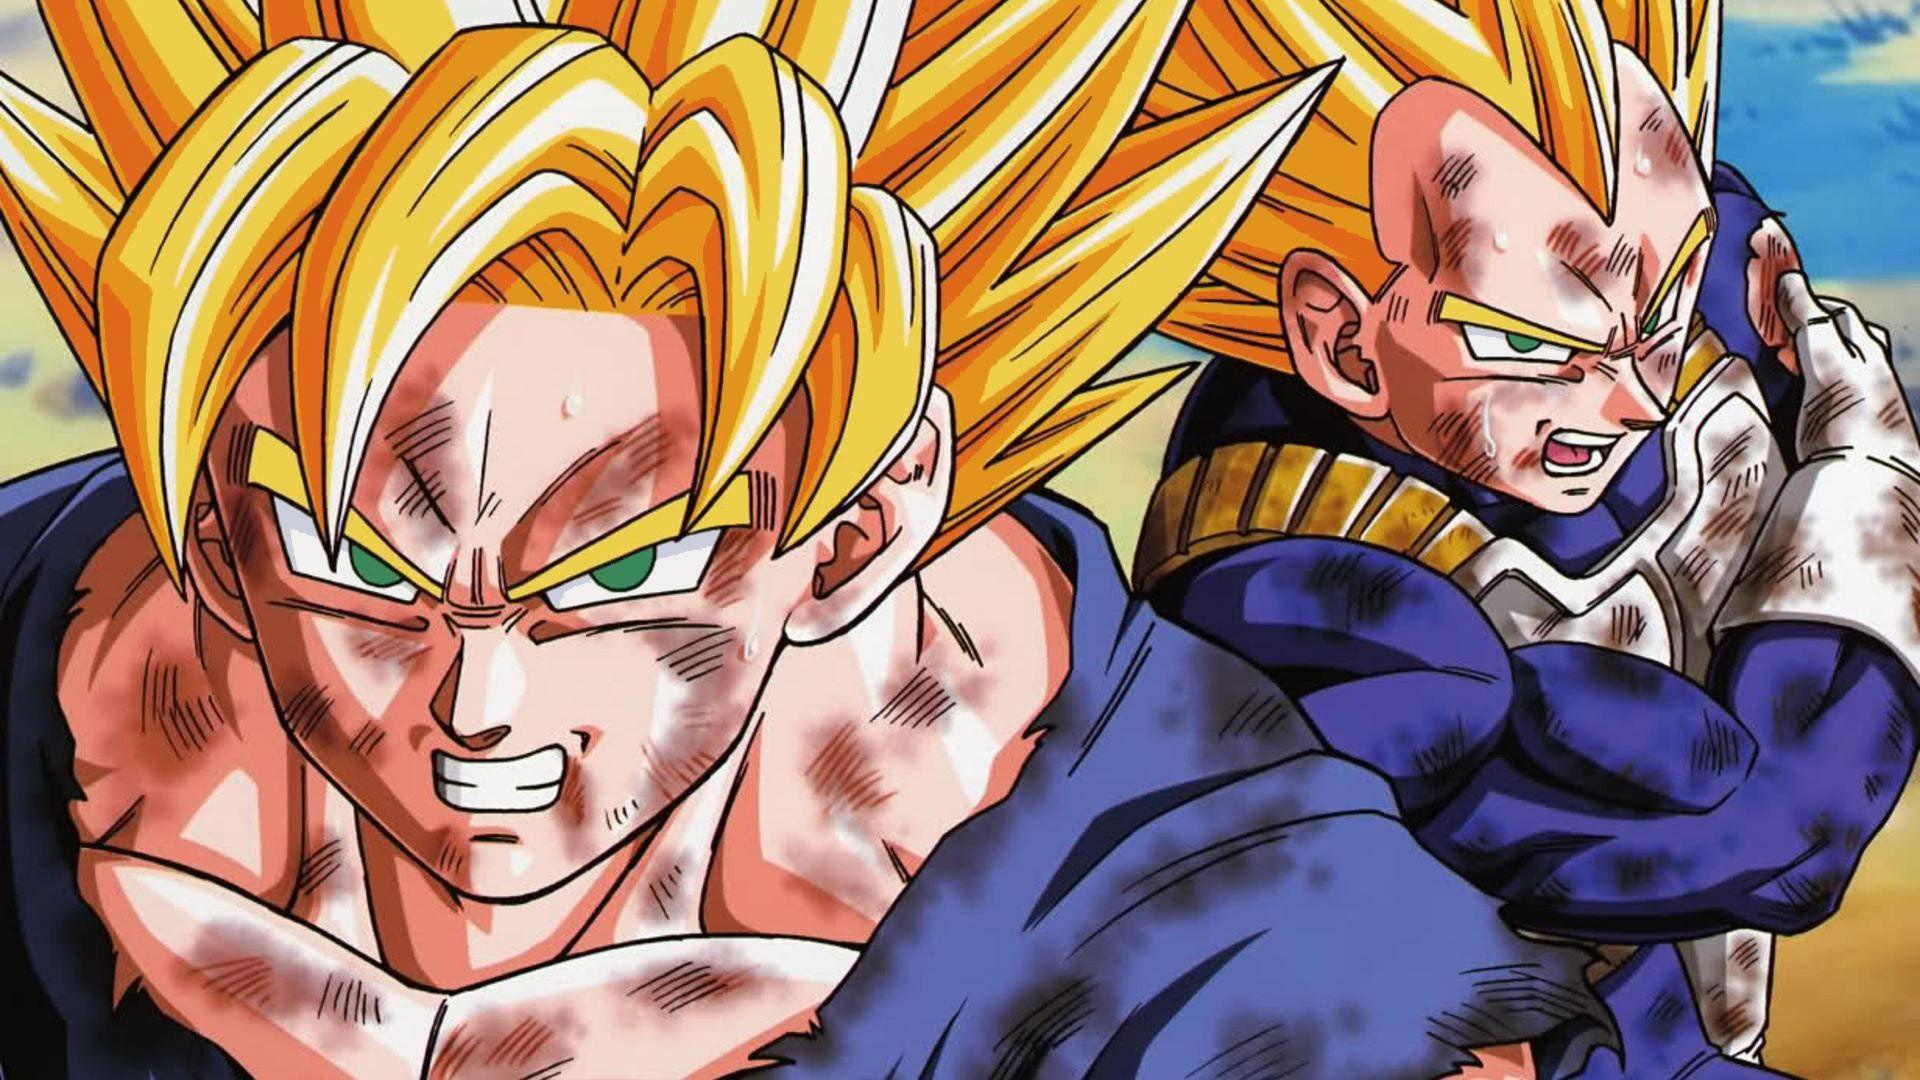 Free Goku And Vegeta Fusion Wallpapers Goku And Vegeta Fusion Backgrounds Goku And Vegeta Fusion Images Comput Dragon Pictures Dragon Ball Z Goku And Vegeta